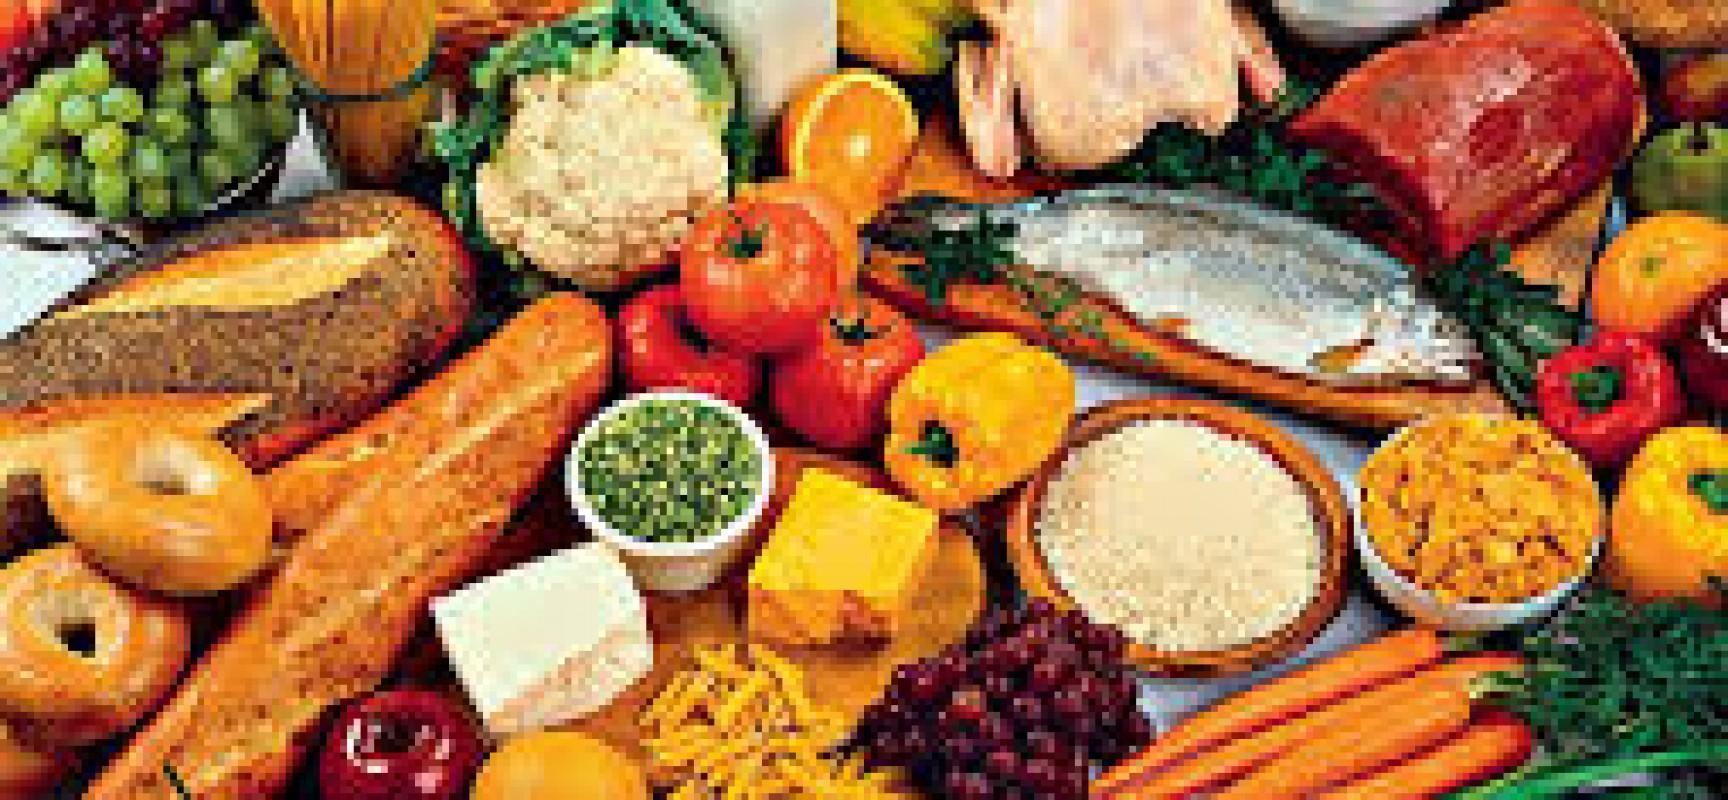 Προμήθεια τροφίμων και ειδών παντοπωλείου για τον Δήμο Σοφάδων και τους φορείς του, έτους 2021